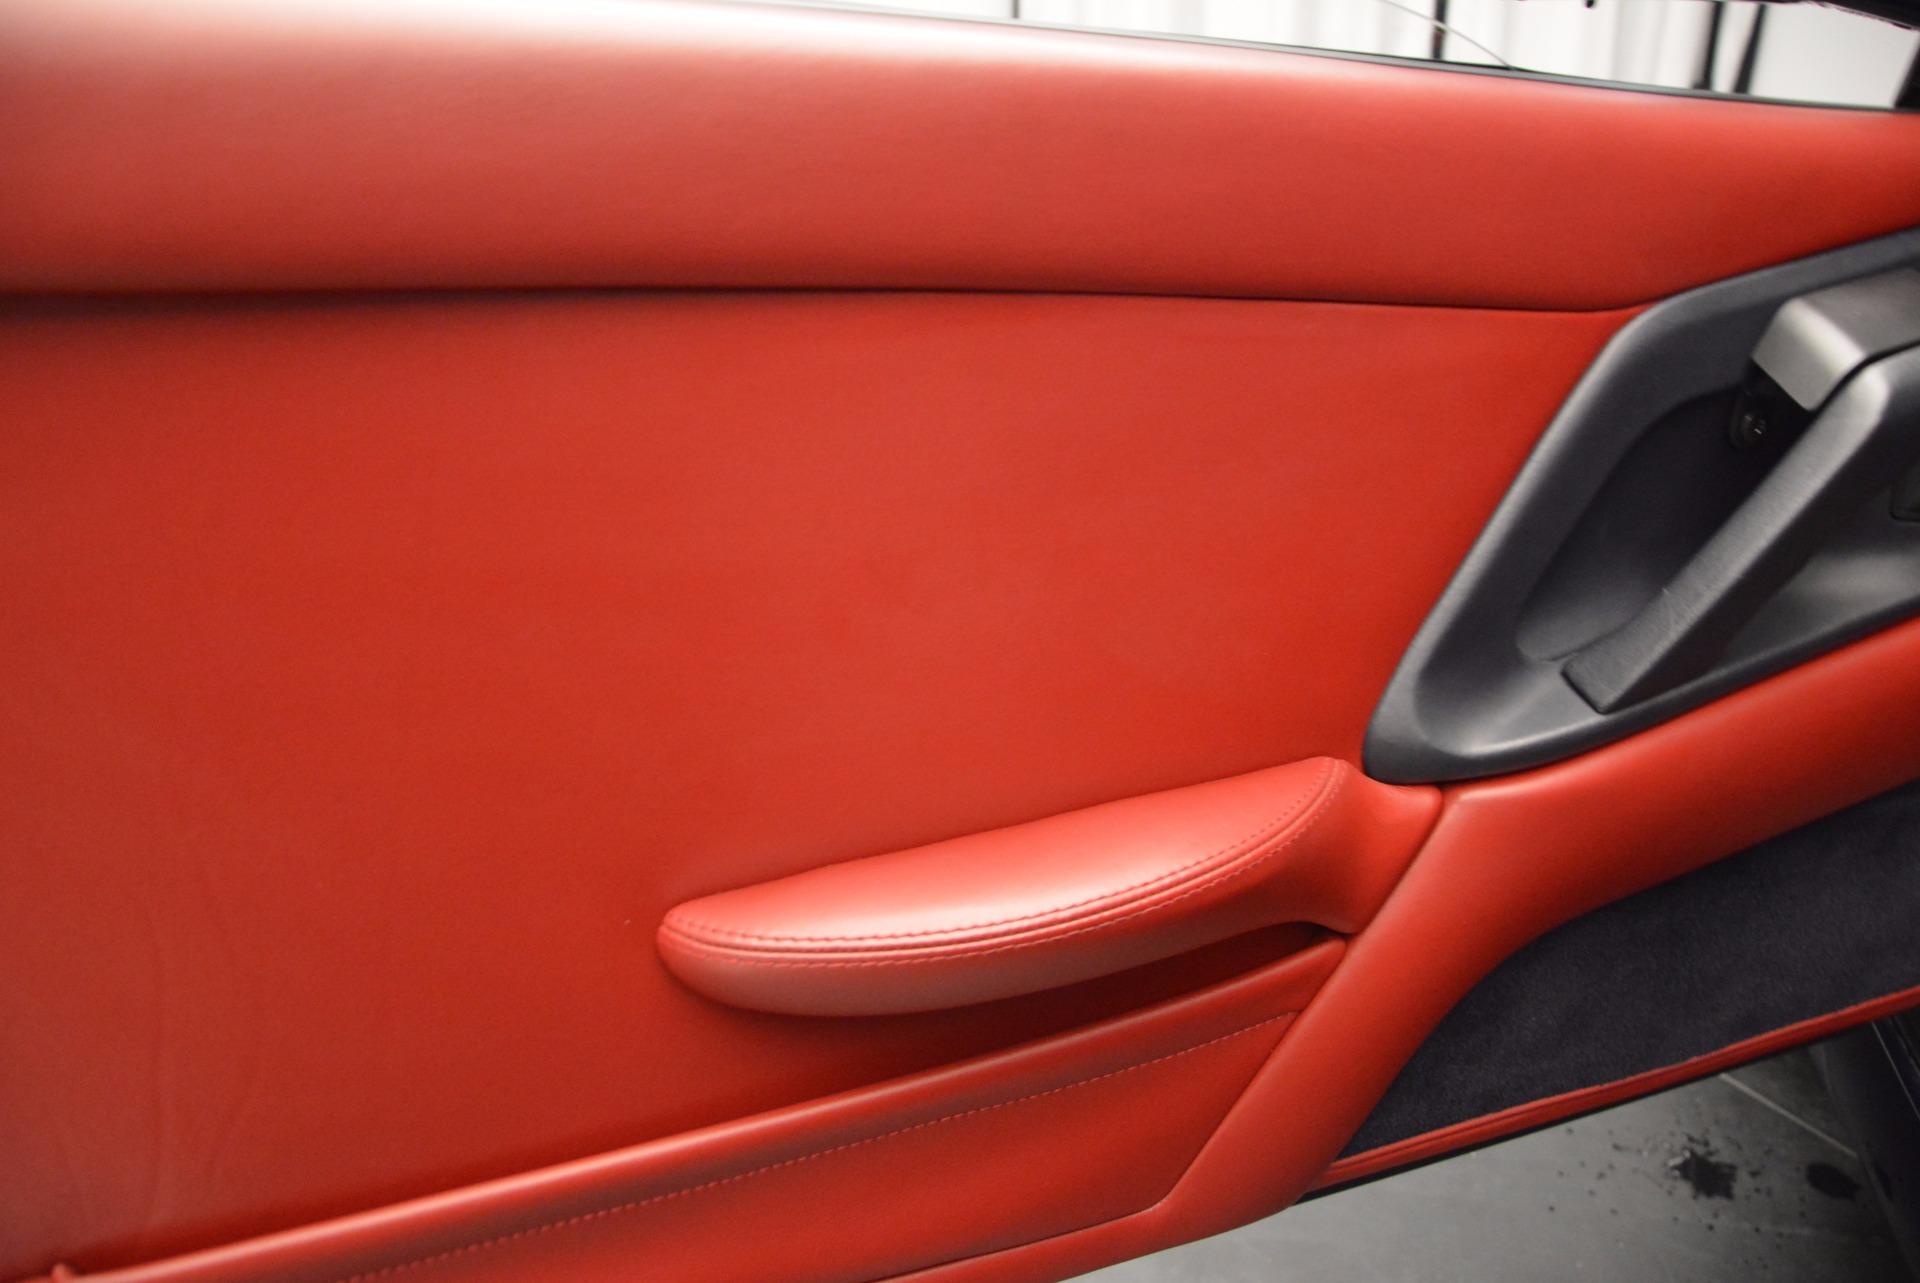 Used 1999 Ferrari 355 Berlinetta For Sale In Greenwich, CT 855_p17